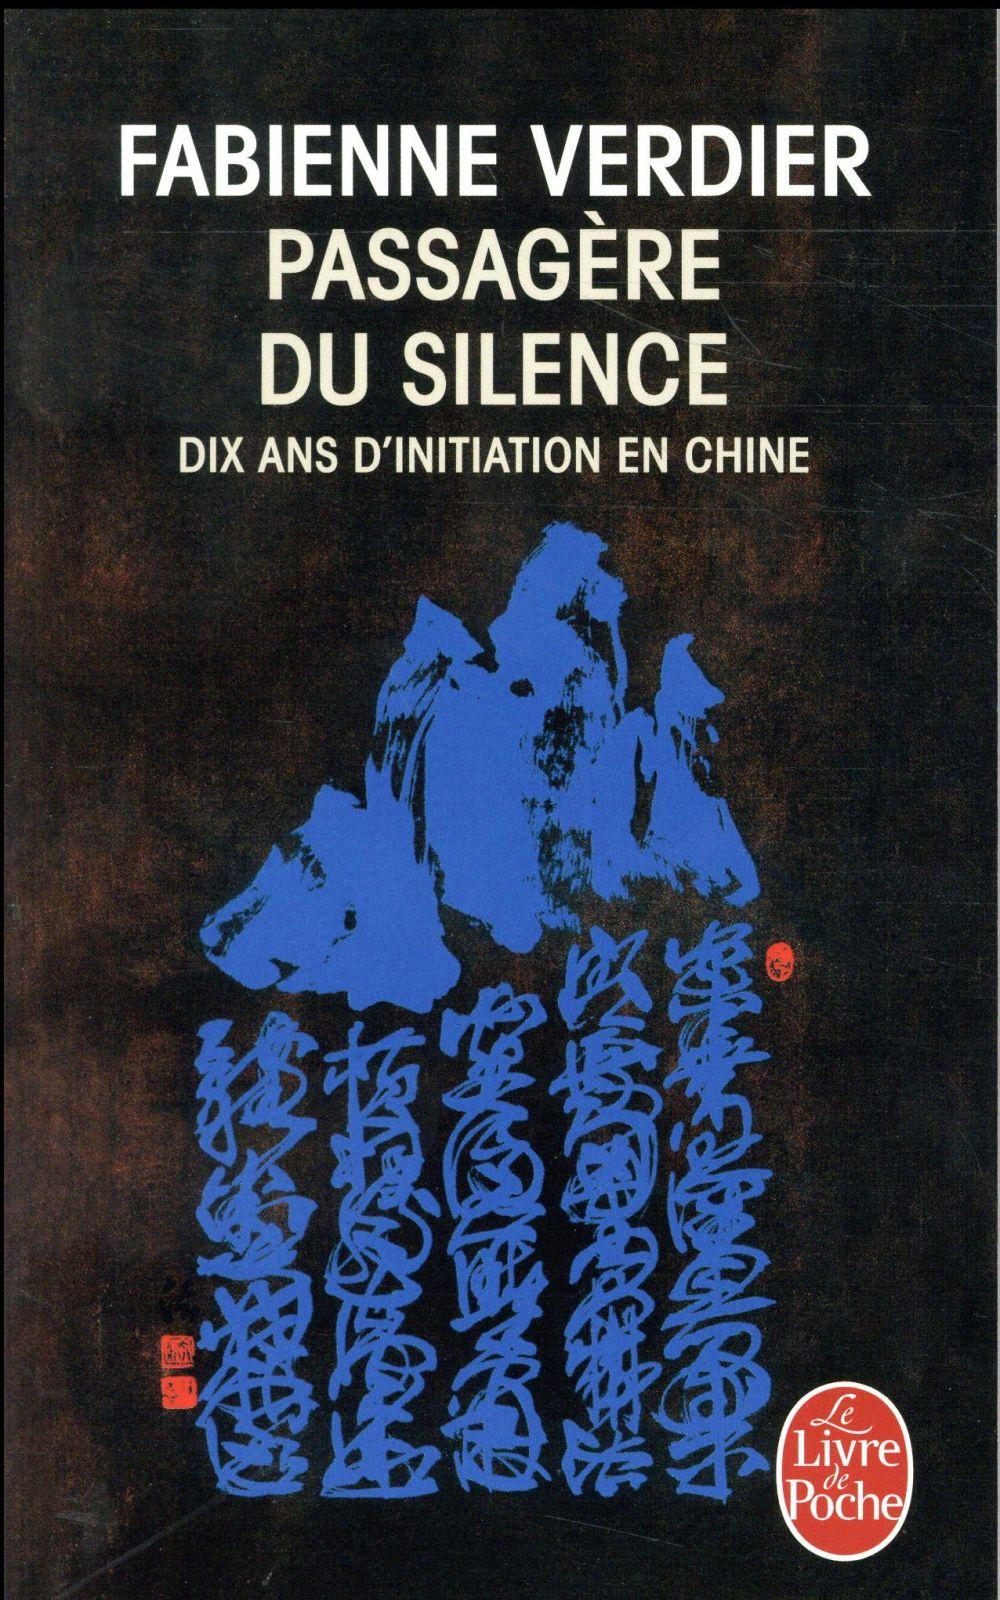 PASSAGERE DU SILENCE